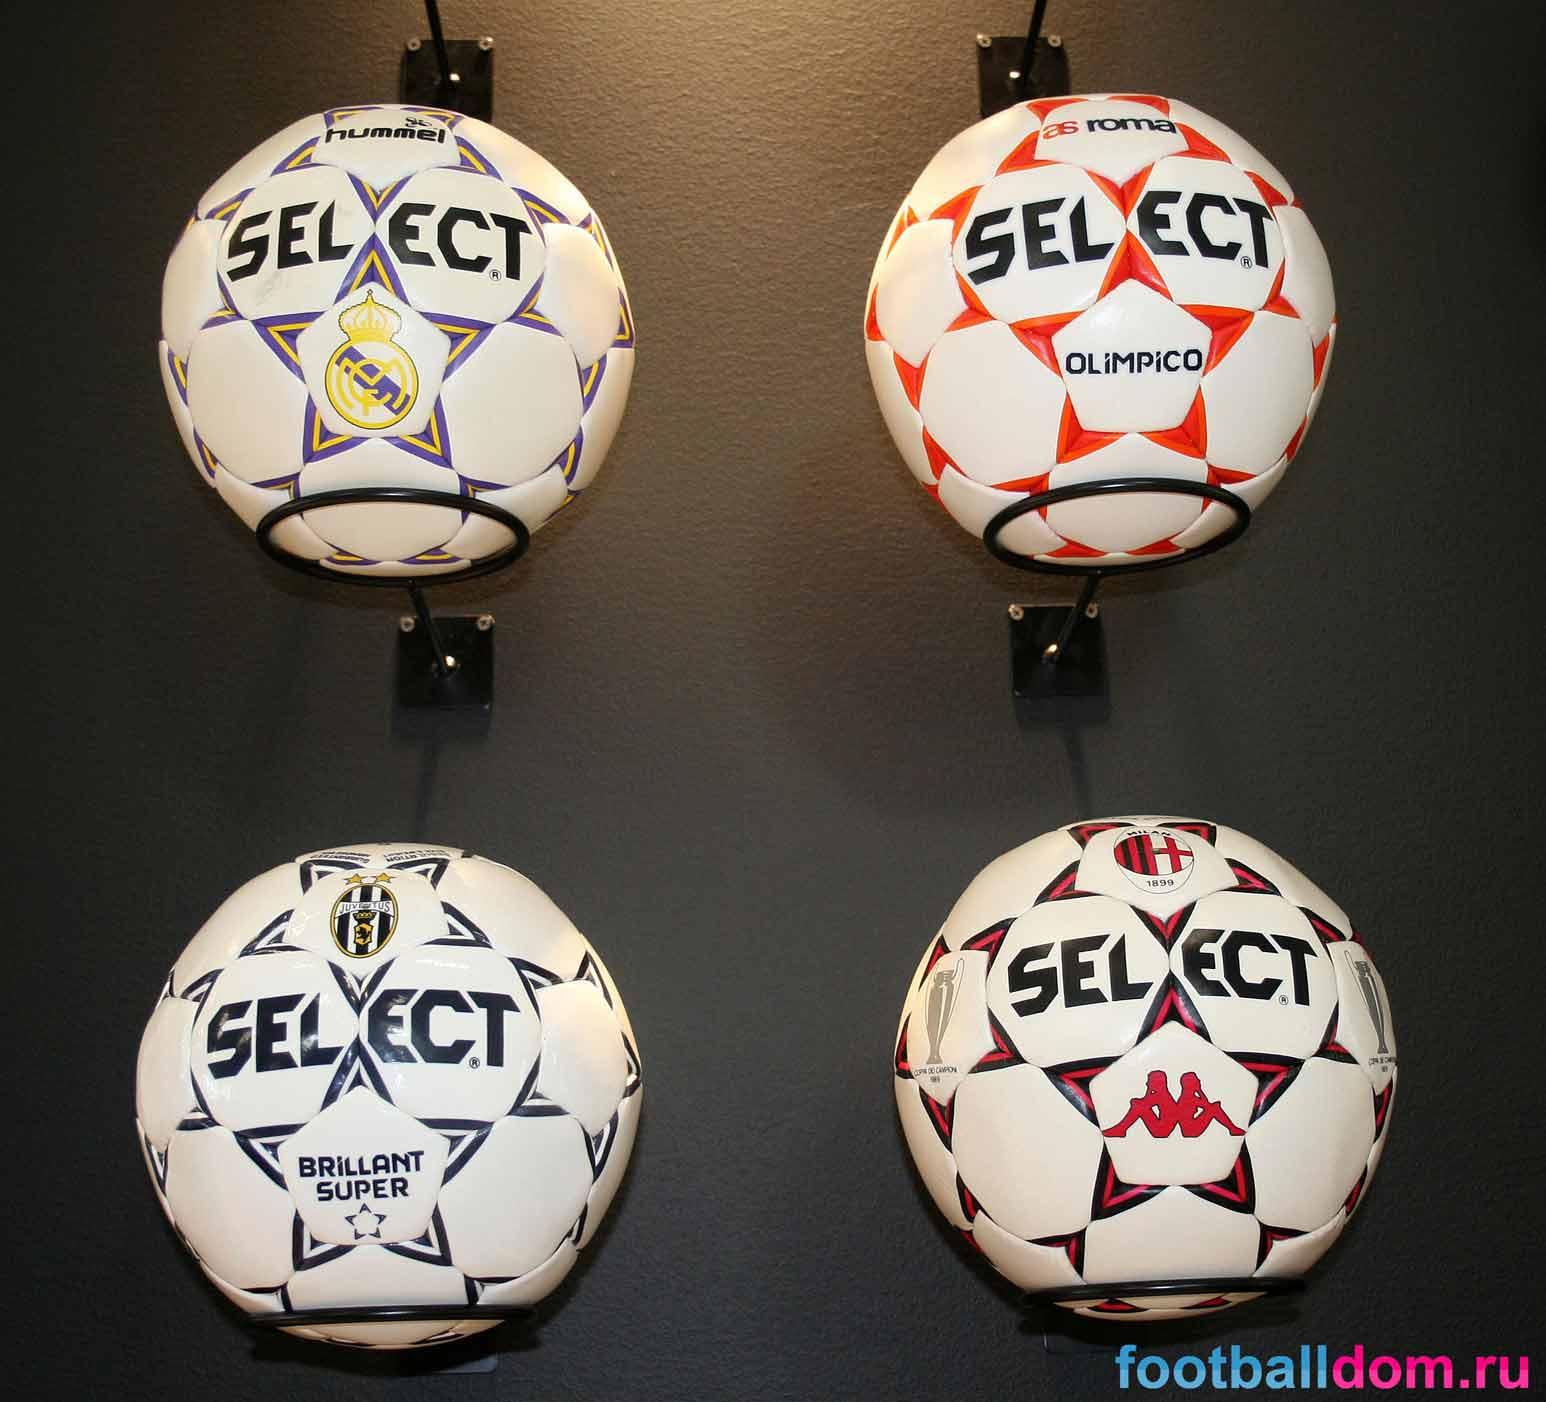 мячи Select 90-х